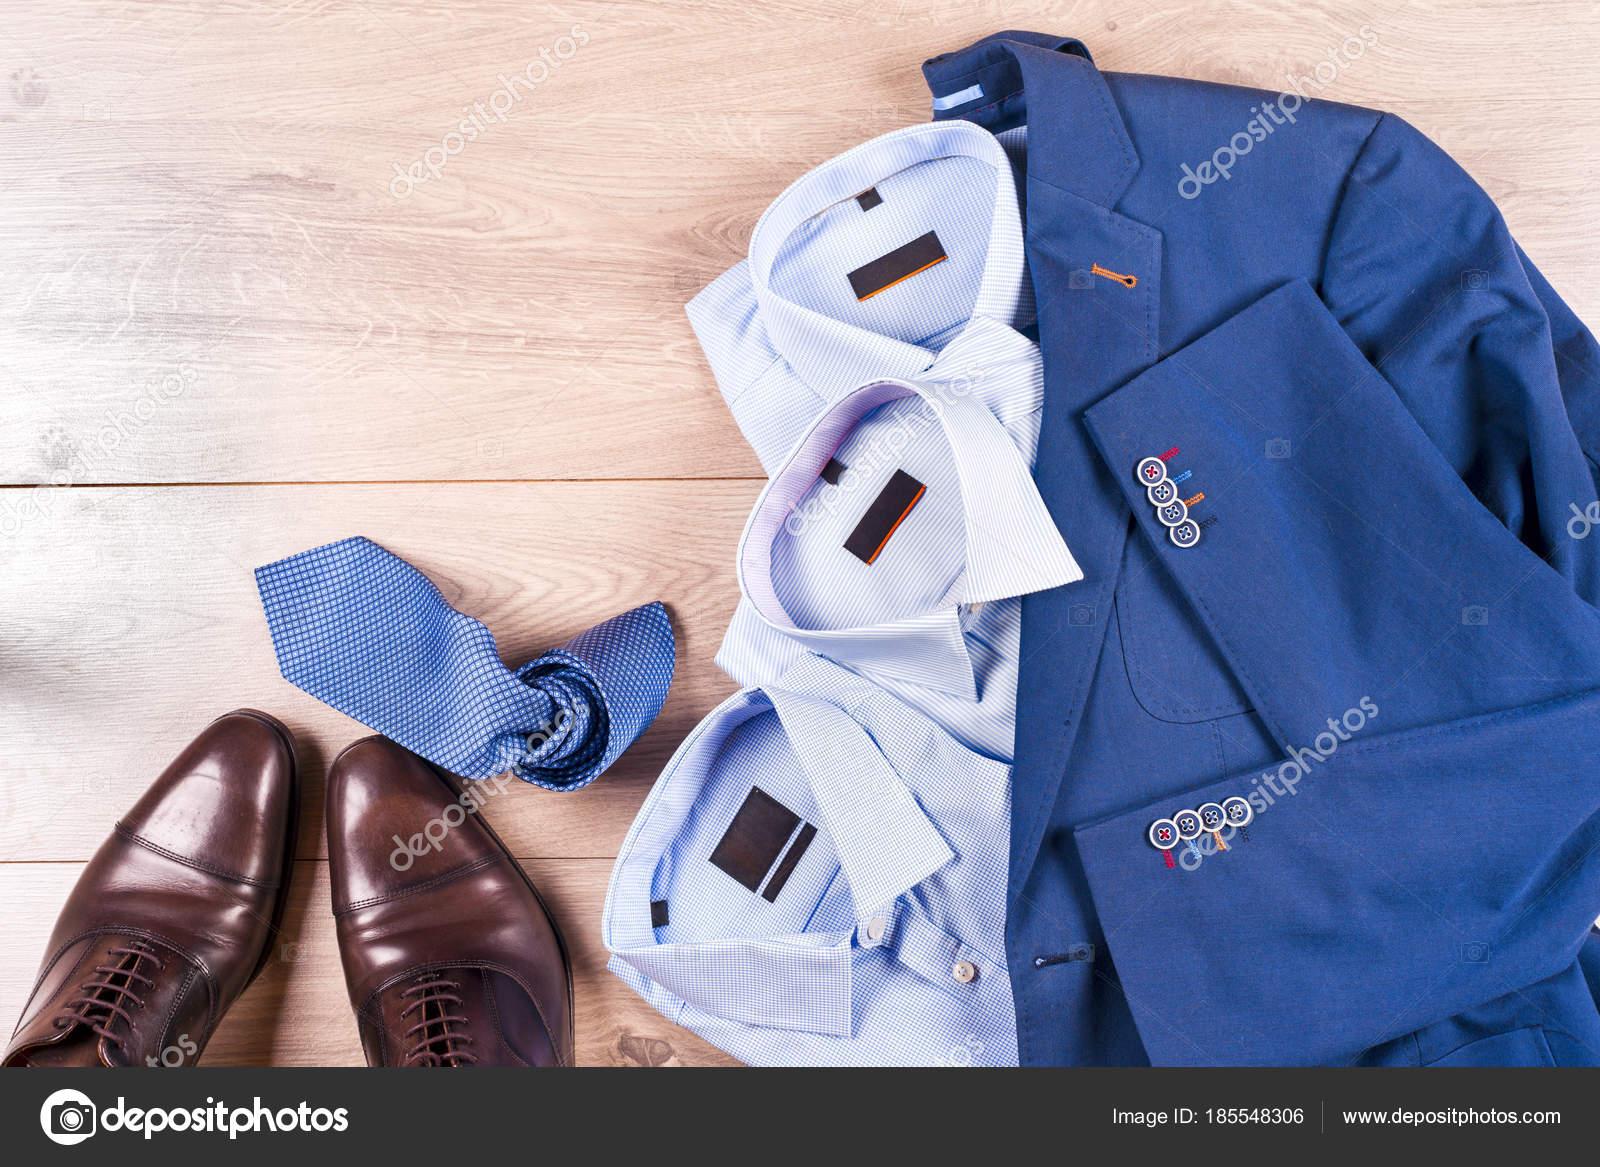 Klassische Herren Kleidung blauen Anzug, Hemd, braune